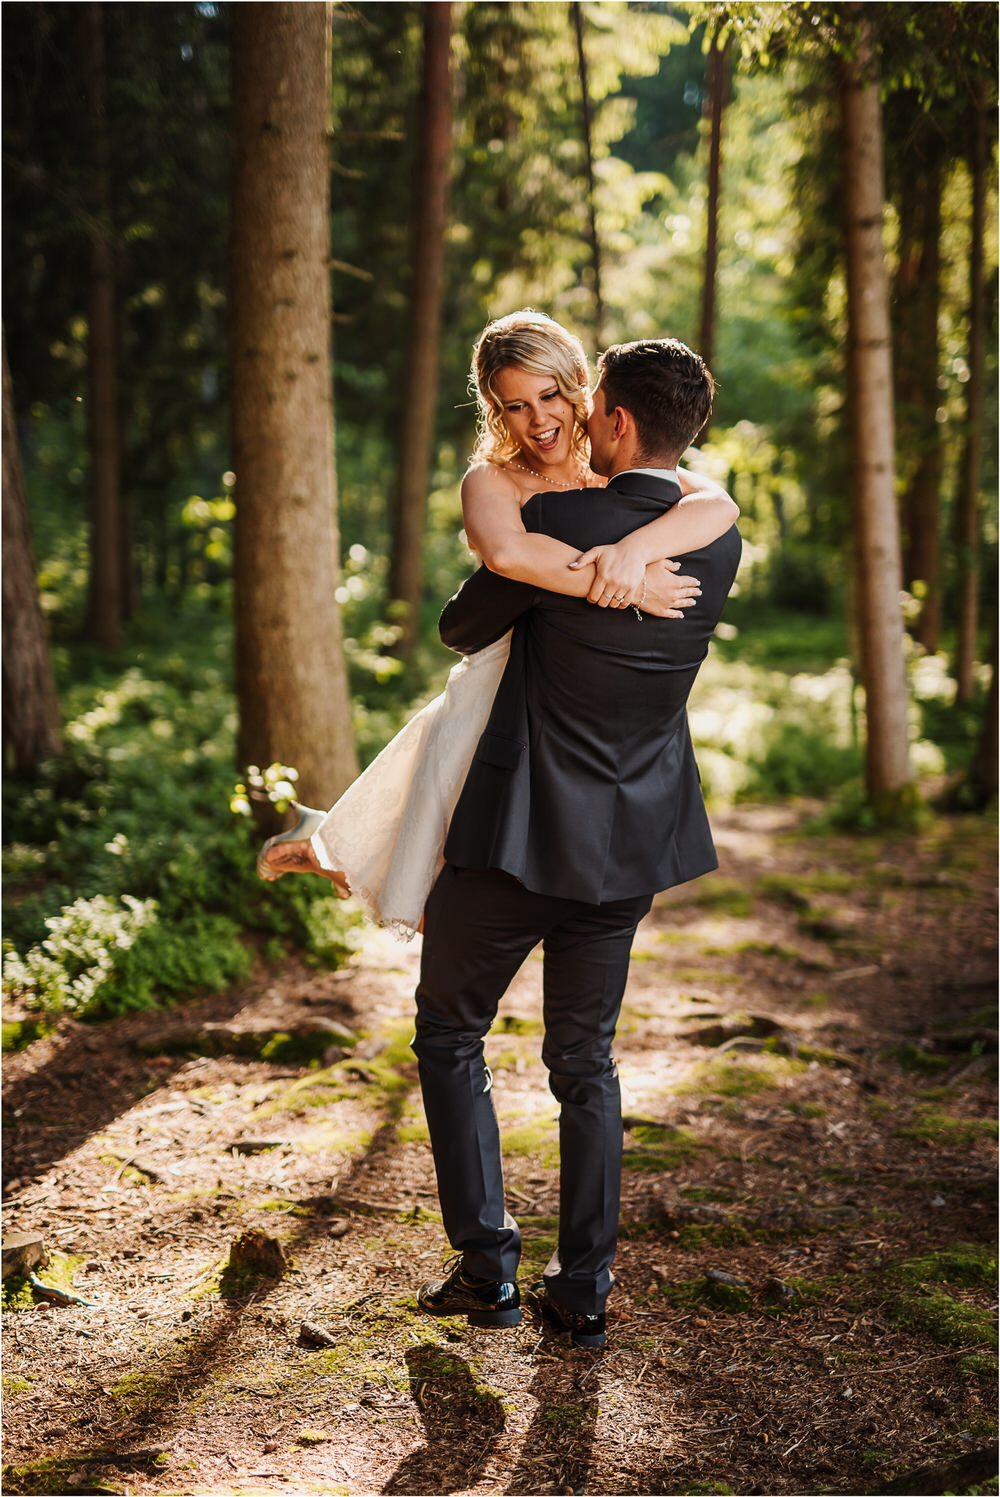 trippelgut kaernten oesterreich hochzeit fotograf phtoographer austria elegant wedding hochzeitsfotograf hochzeitsfotografie 0028.jpg